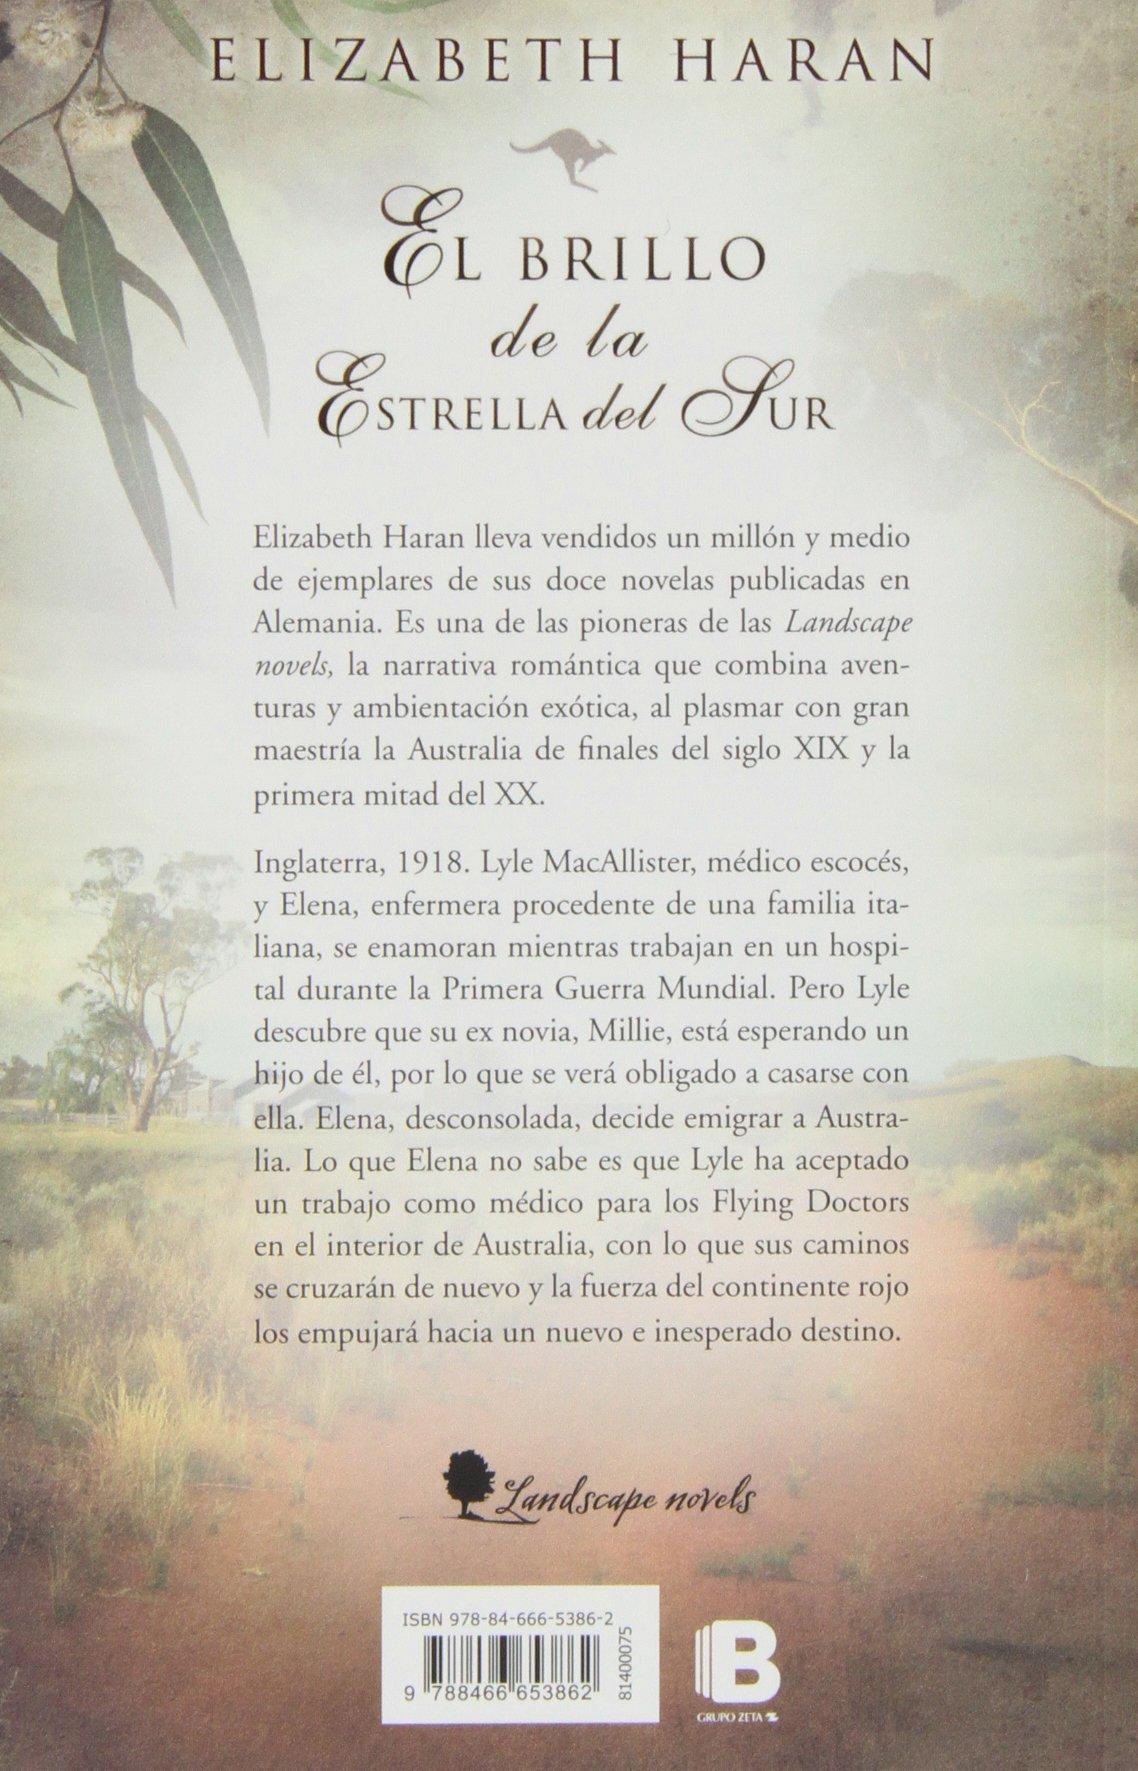 El brillo de la estrella del sur (GRANDES NOVELAS): Amazon.es: Elizabeth Haran: Libros en idiomas extranjeros